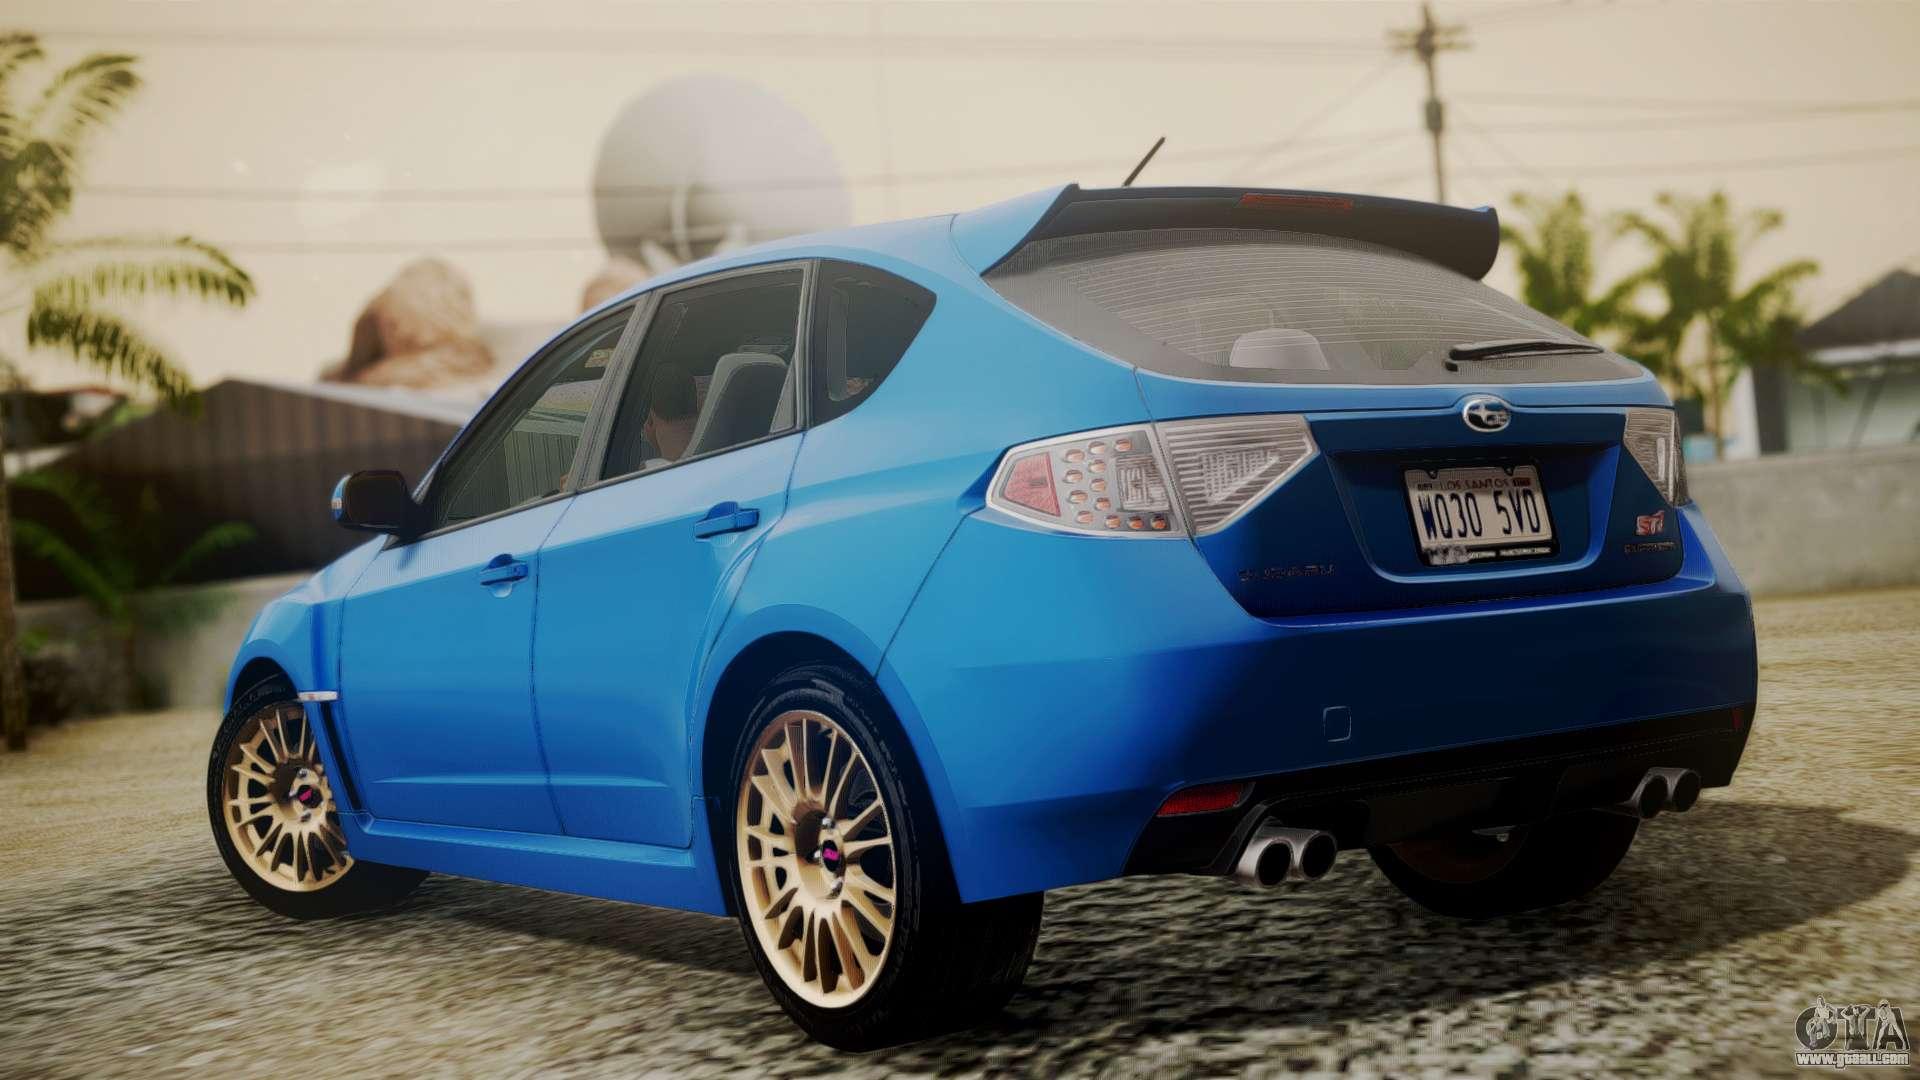 Subaru impreza wrx sti 2008 pj for gta san andreas